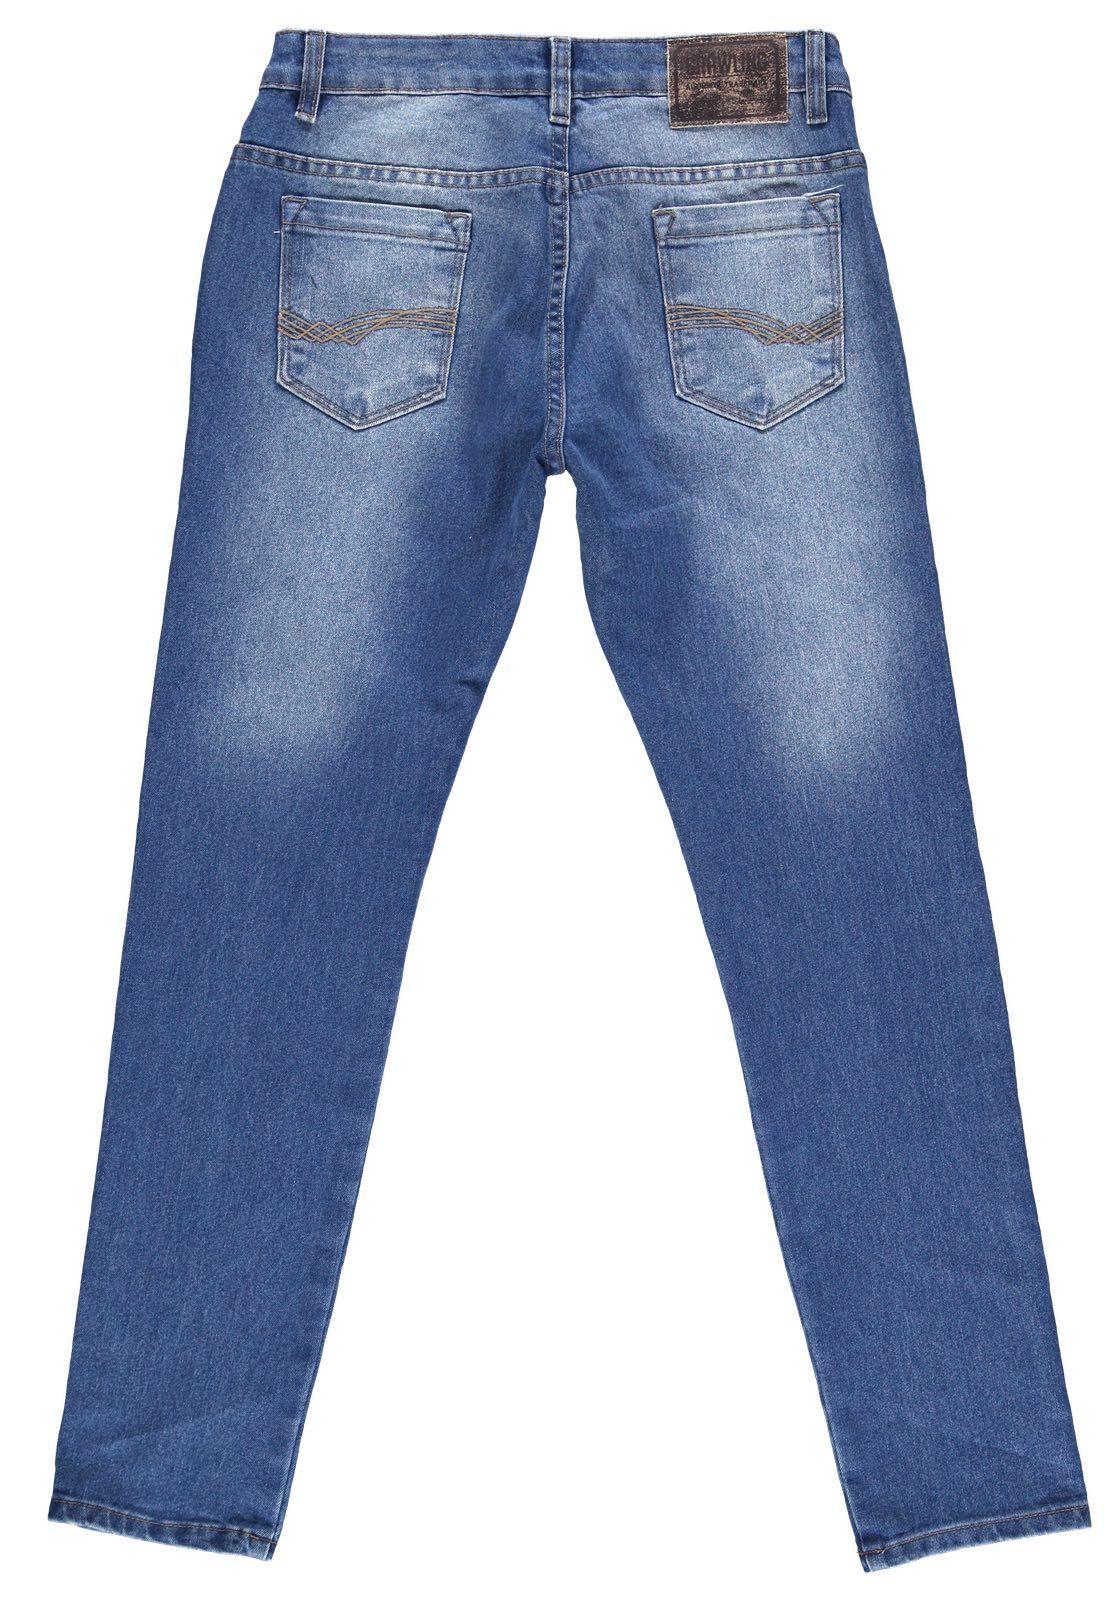 Calça Masculina Crawling Cropped Jeans